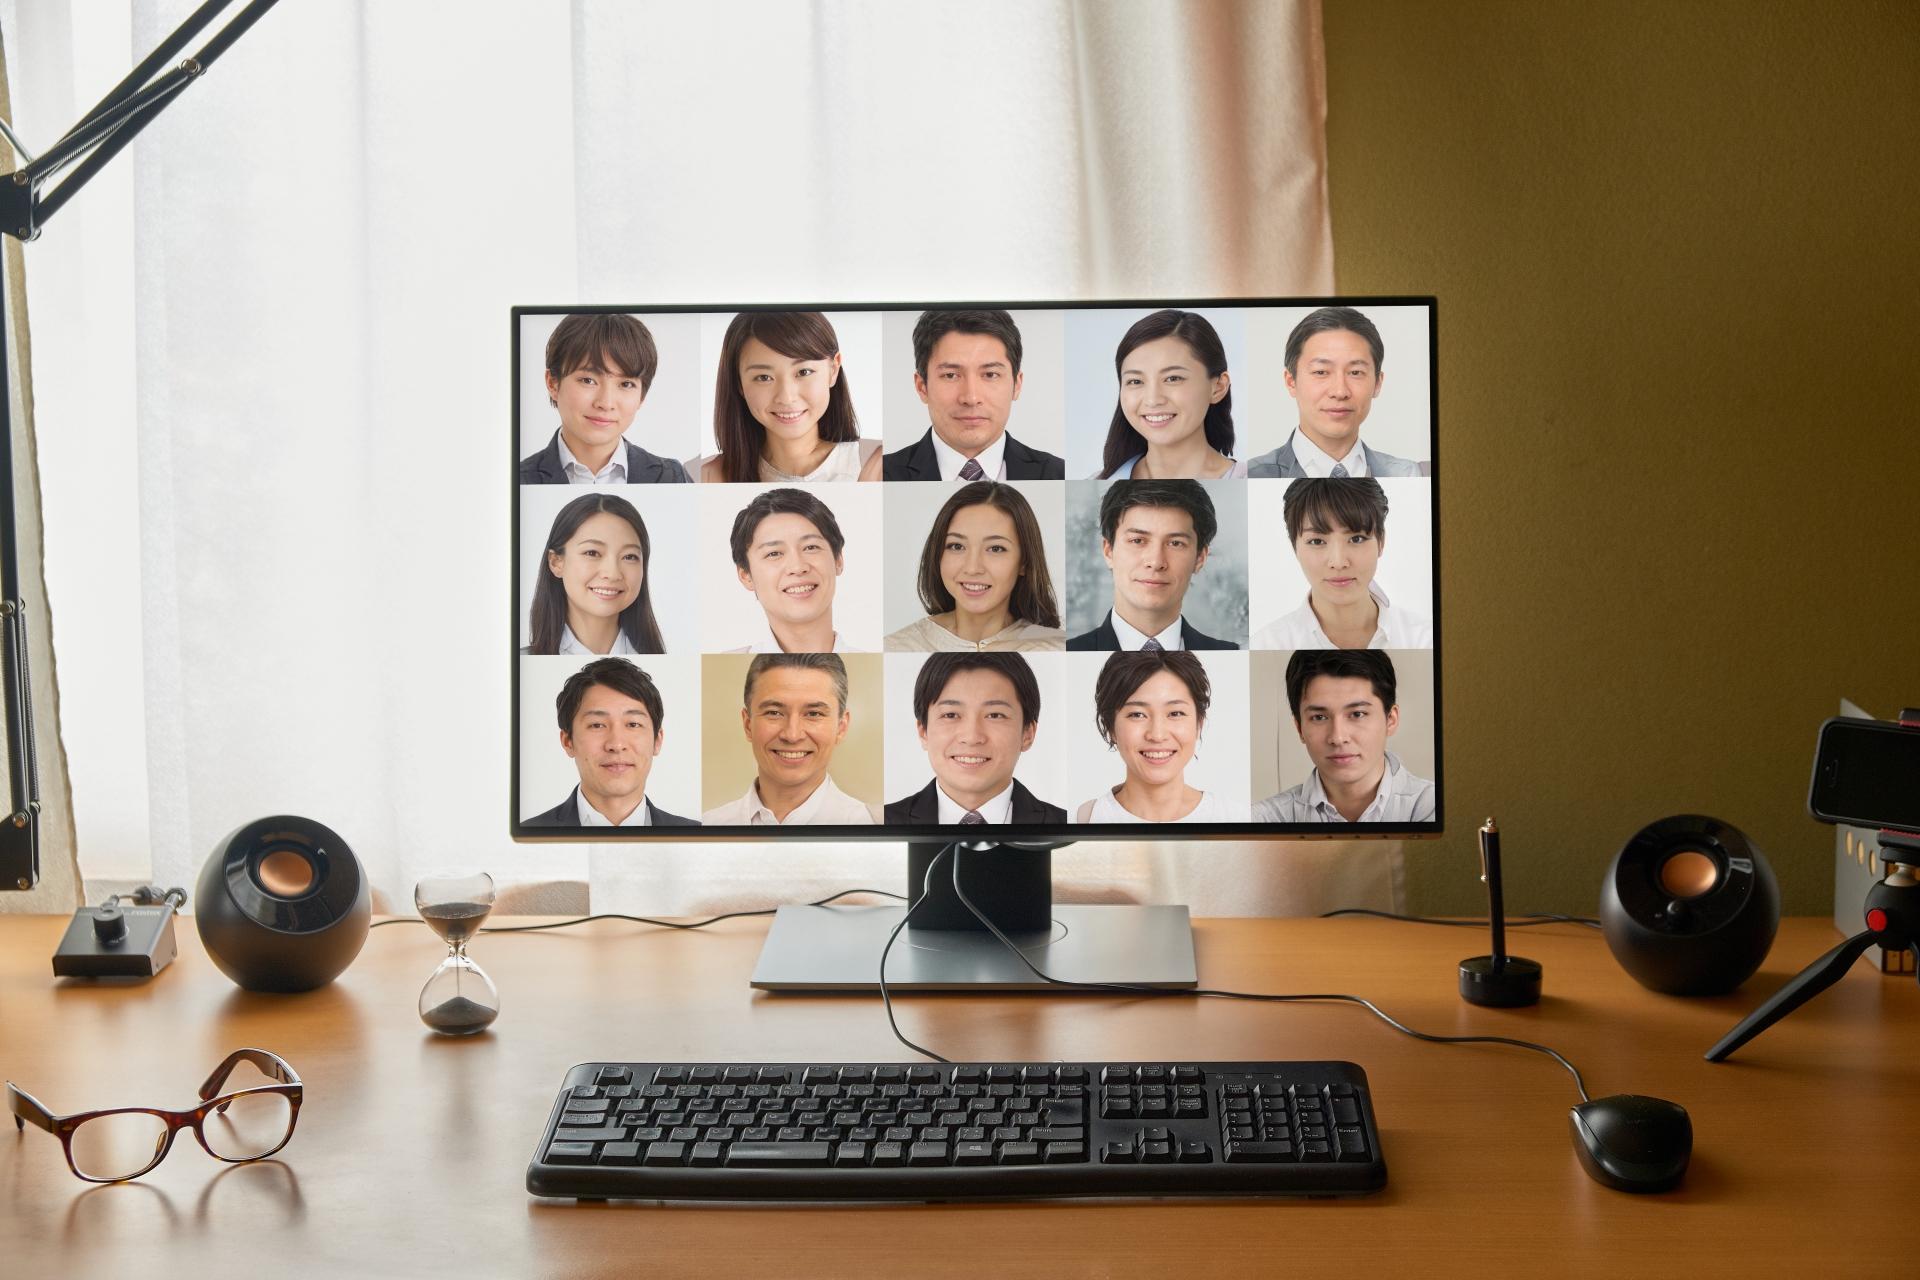 【PC版zoomの始め方】会員登録とログイン方法